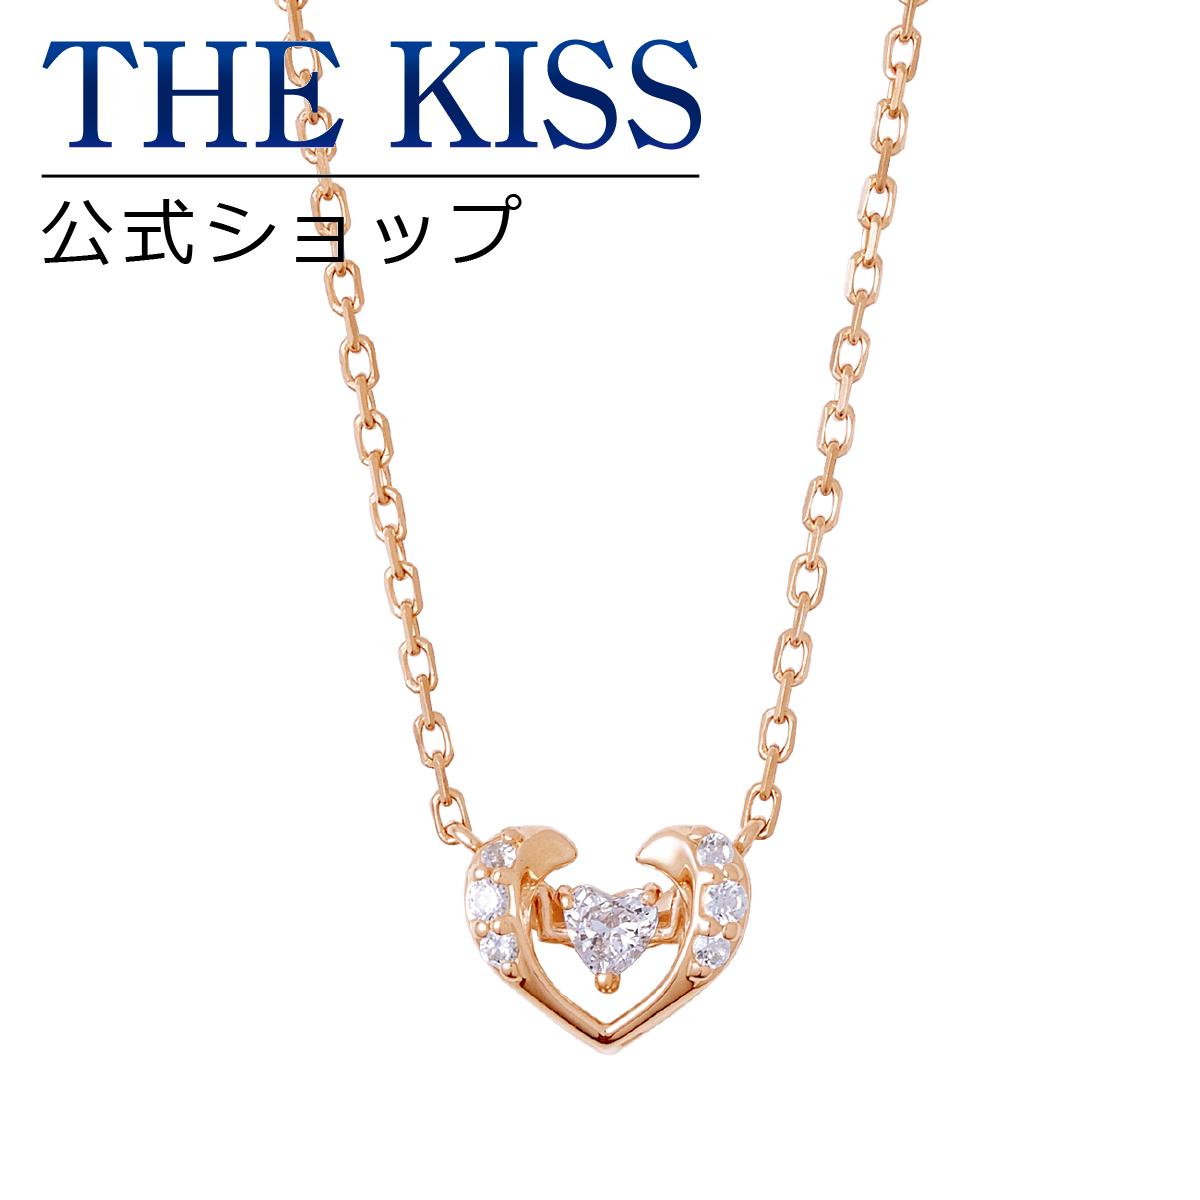 【あす楽対応】THE KISS 公式サイト シルバー ネックレス レディースジュエリー・アクセサリー ジュエリーブランド THEKISS ネックレス・ペンダント 記念日 SPD1414CB ザキス 【Twinkling】【送料無料】